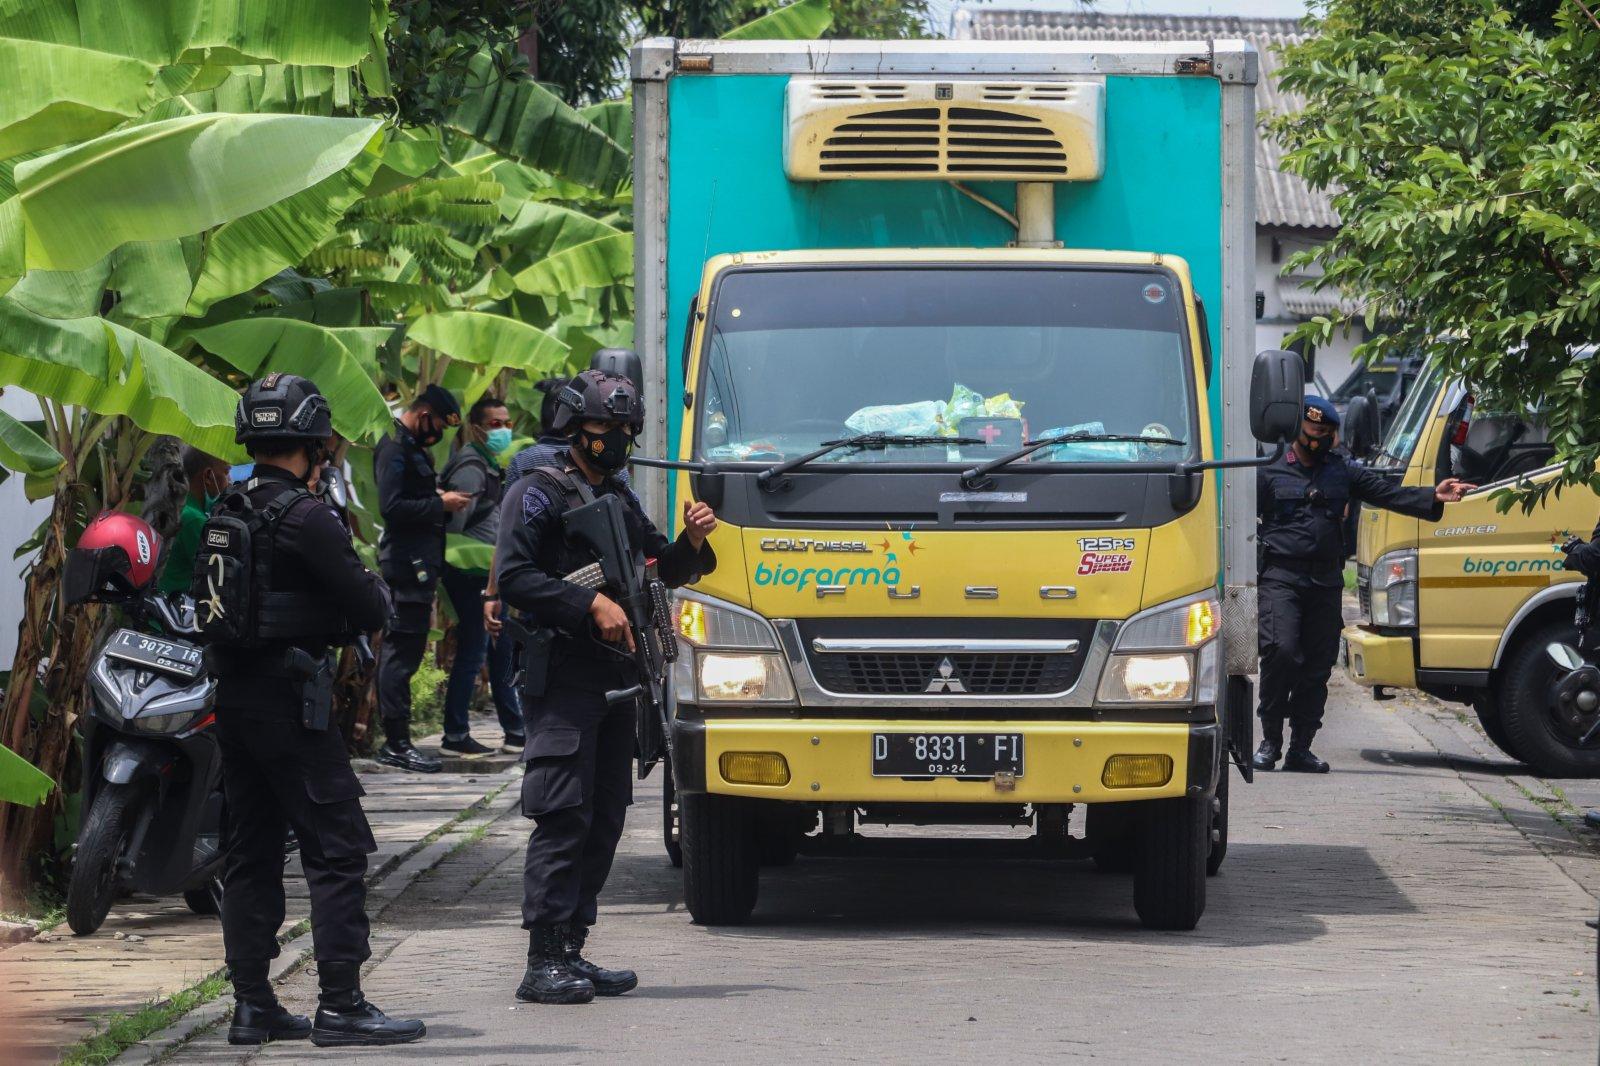 1月4日,在印度尼西亞東爪哇省泗水市,當地警察護送裝有新冠疫苗的車輛。(新華社)